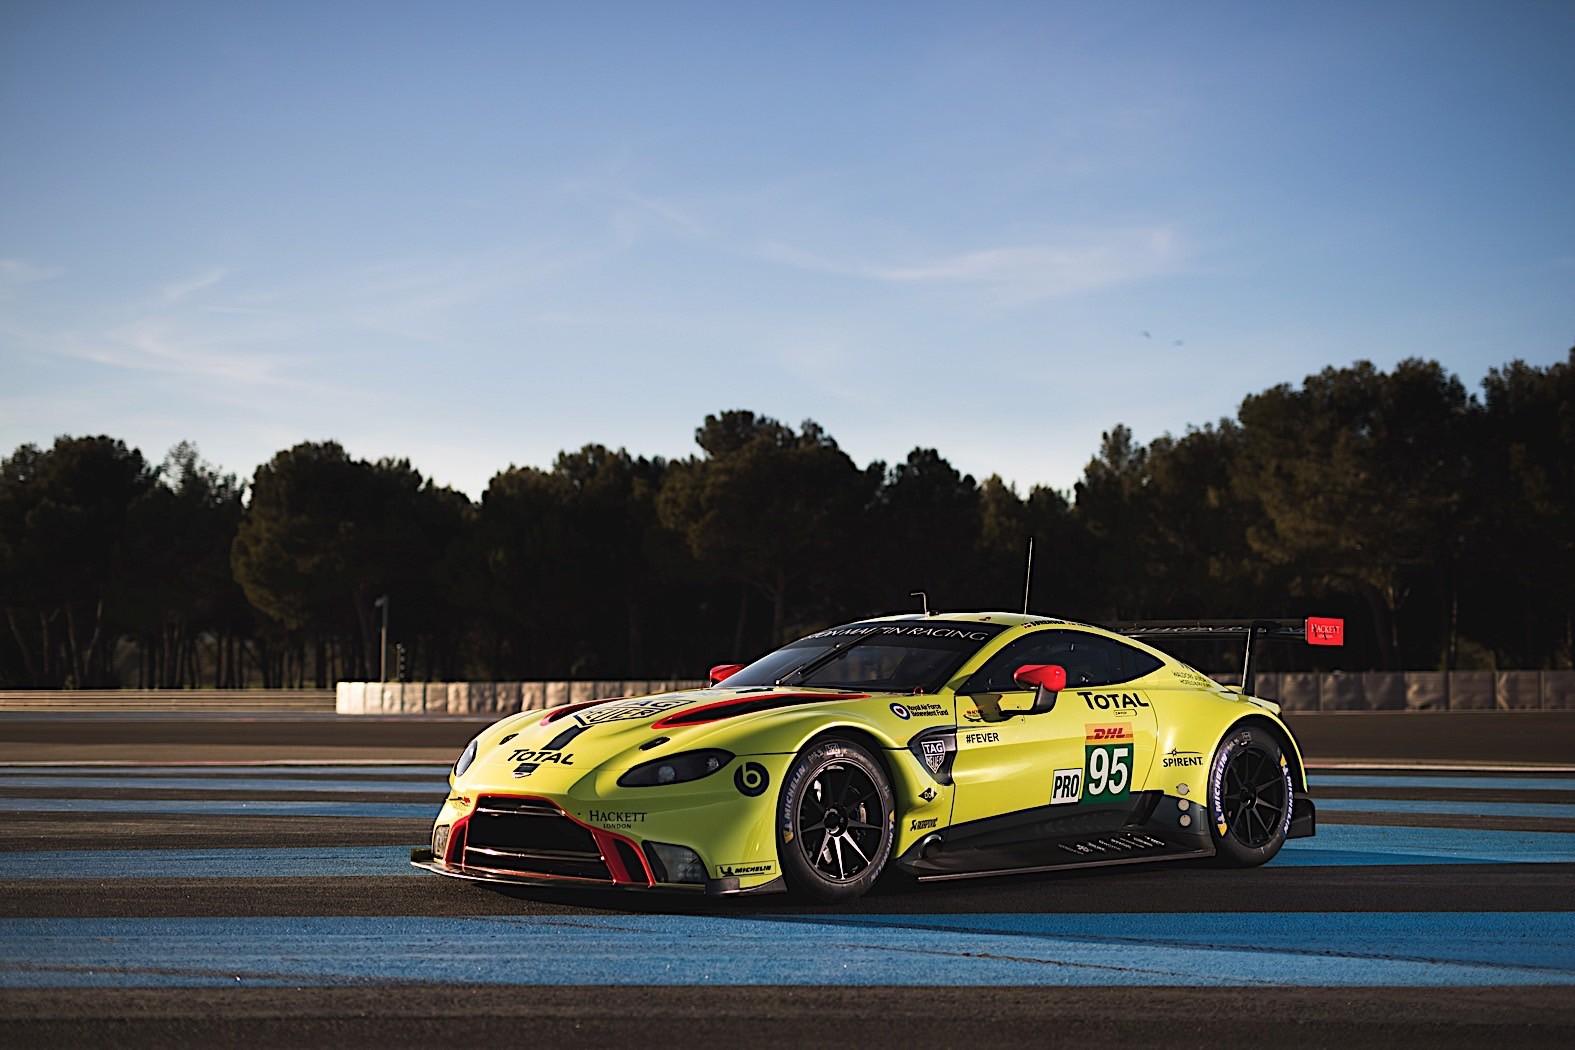 2019 Aston Martin Vantage Gt3 Gt4 Look Intent On Winning Races Autoevolution